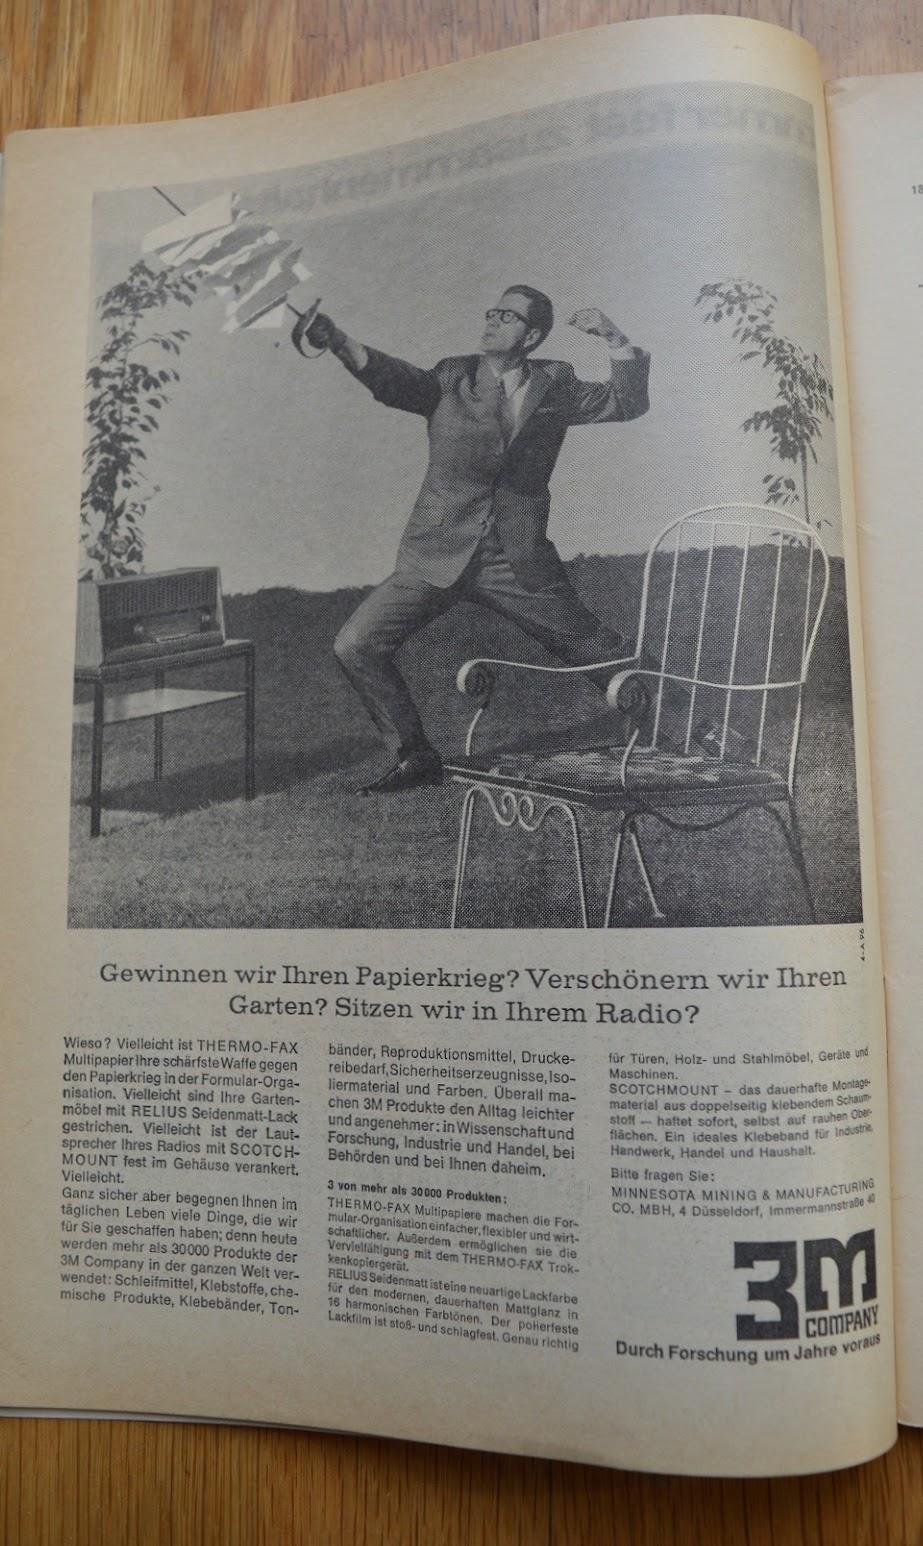 DER SPIEGEL, 29. April 1964 - Werbung für 3M